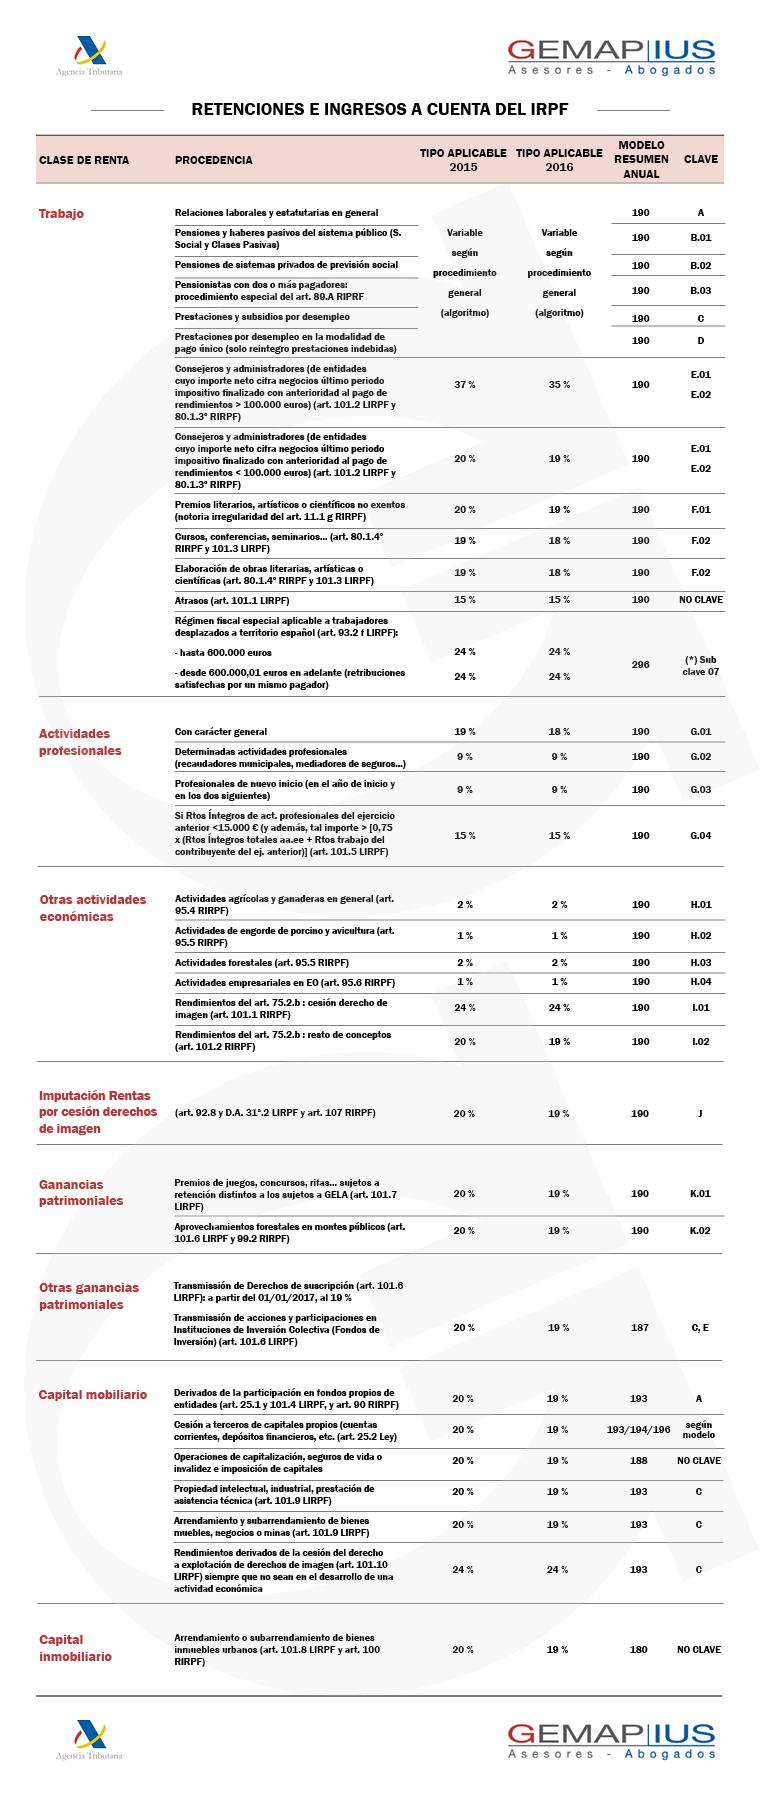 Retenciones e ingresos a cuenta del IRPF 2015 - Gemap